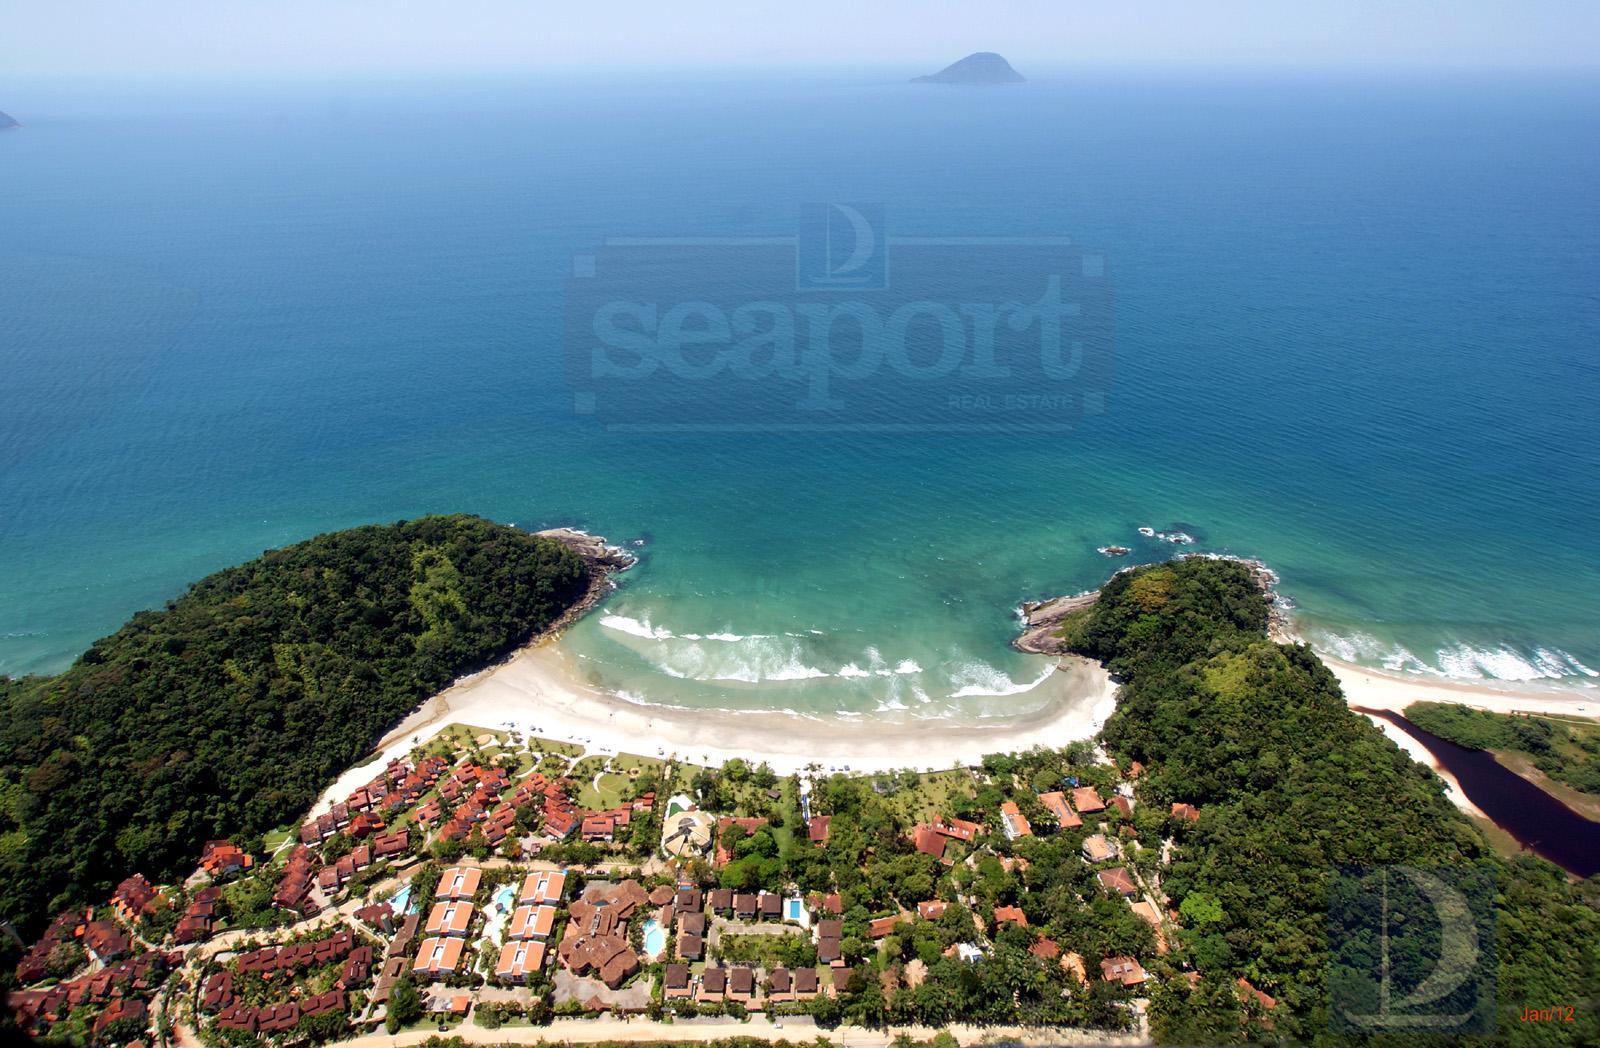 Vista aérea praia Engenho